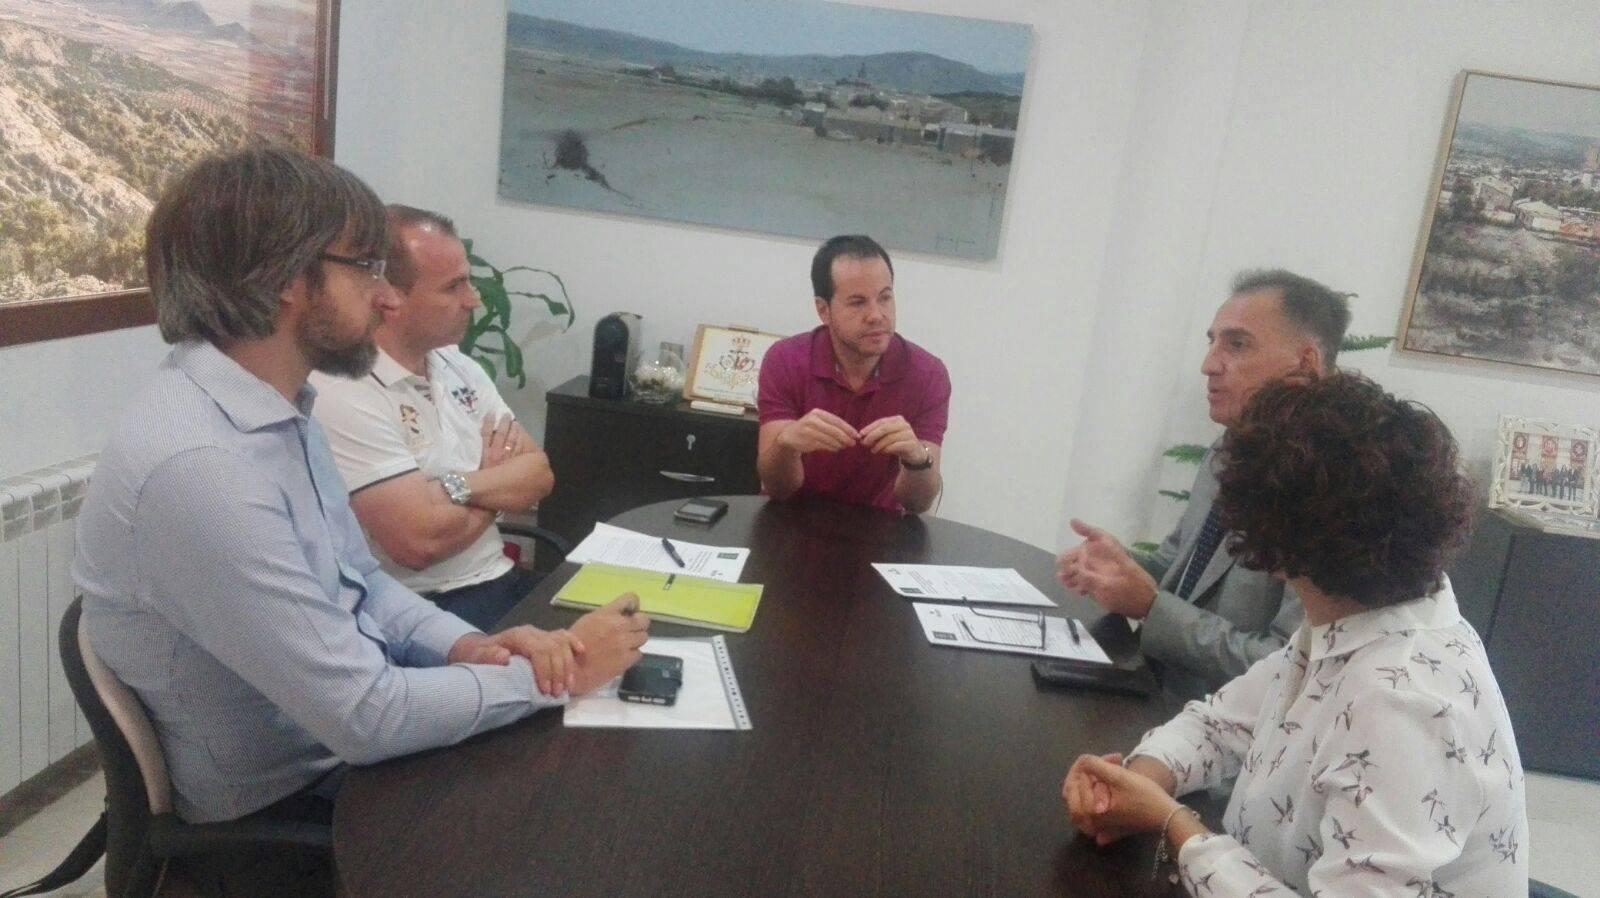 firma convenio itecam 2 - Convenio entre Itecam y Herencia para mejora en proyectos empresariales